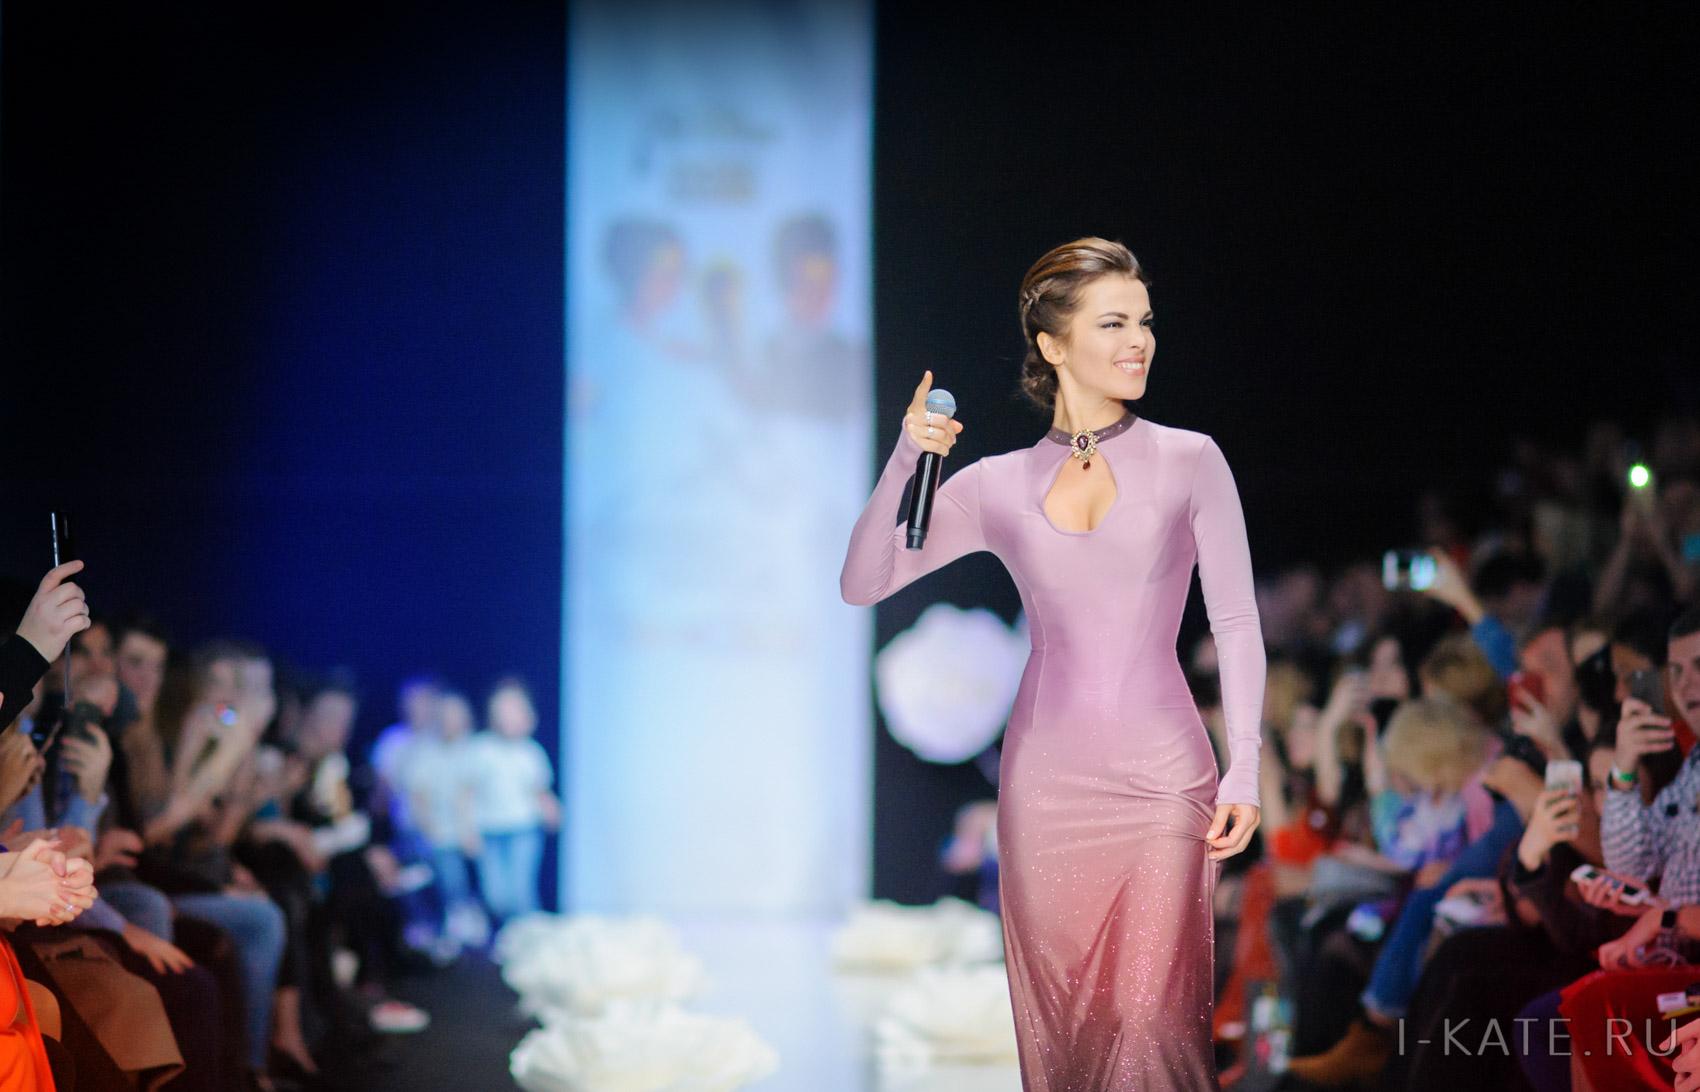 Неделя моды Mercedes-Benz Fashion Week Russia 2017 . Открытие. Выступления. Сати Казанова.